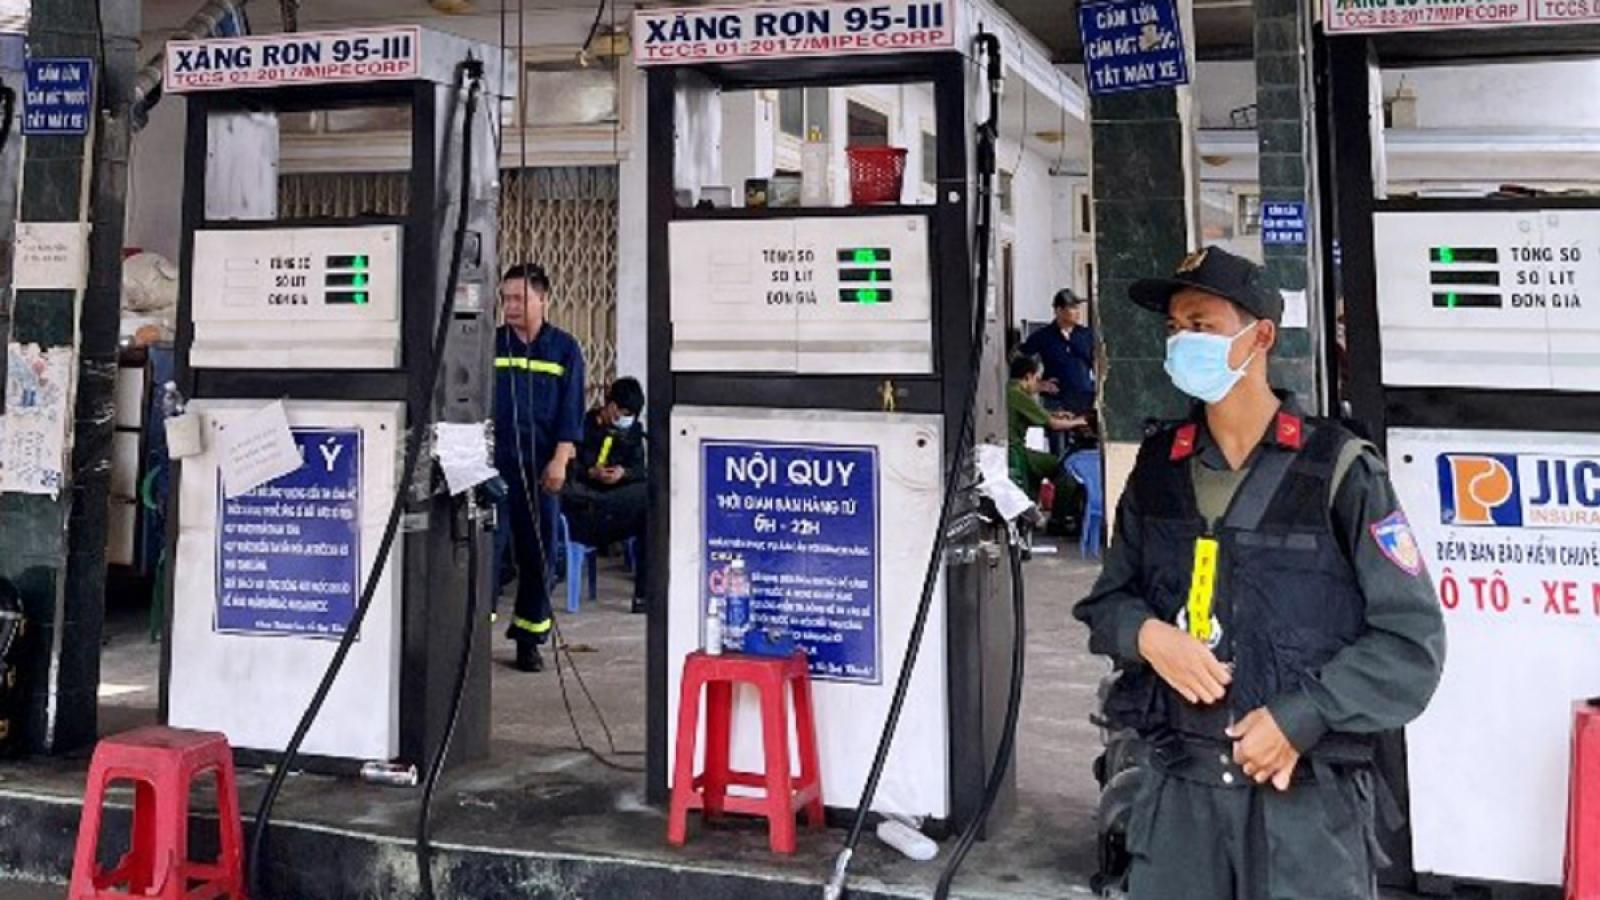 Chiêu thức hối lộ tinh vi trong đại án buôn lậu xăng giả ở Đồng Nai